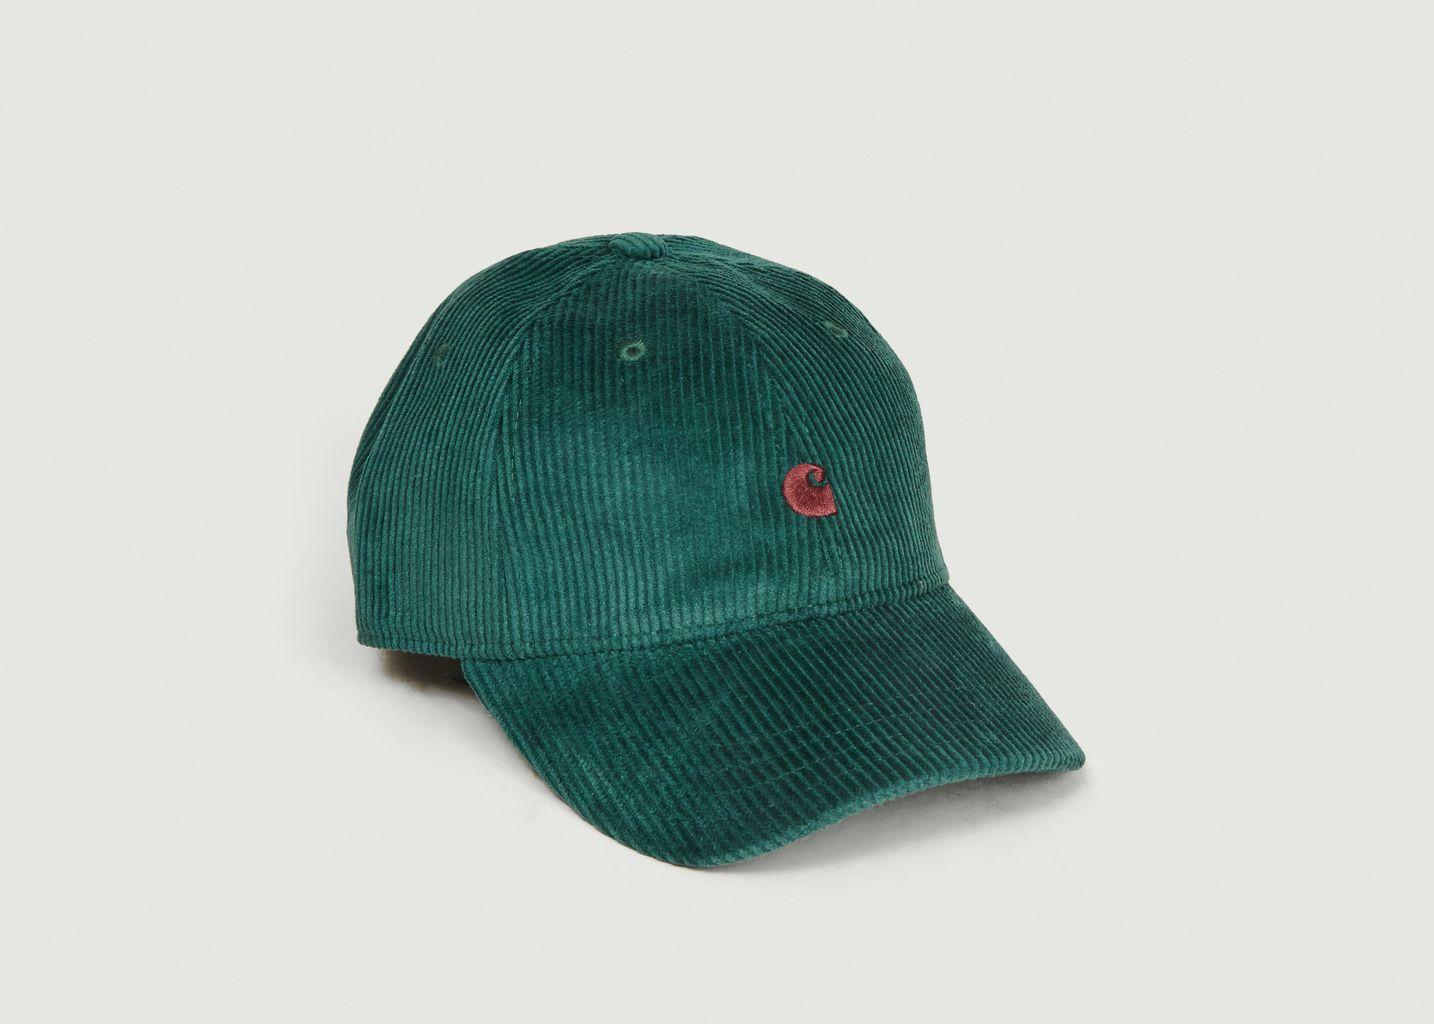 Harlem Cap - Carhartt WIP